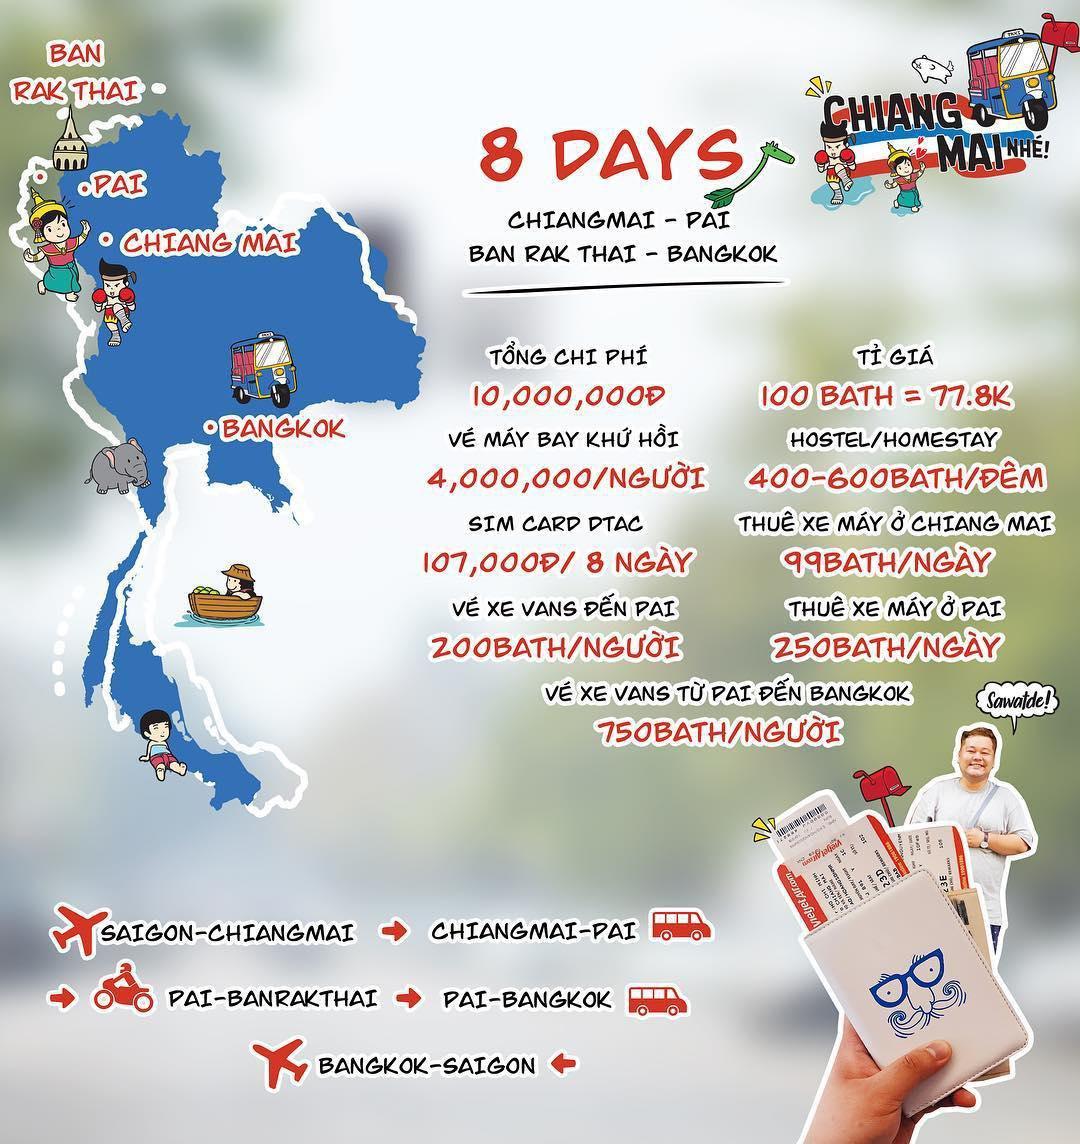 thailan_ban-rak-thai-08